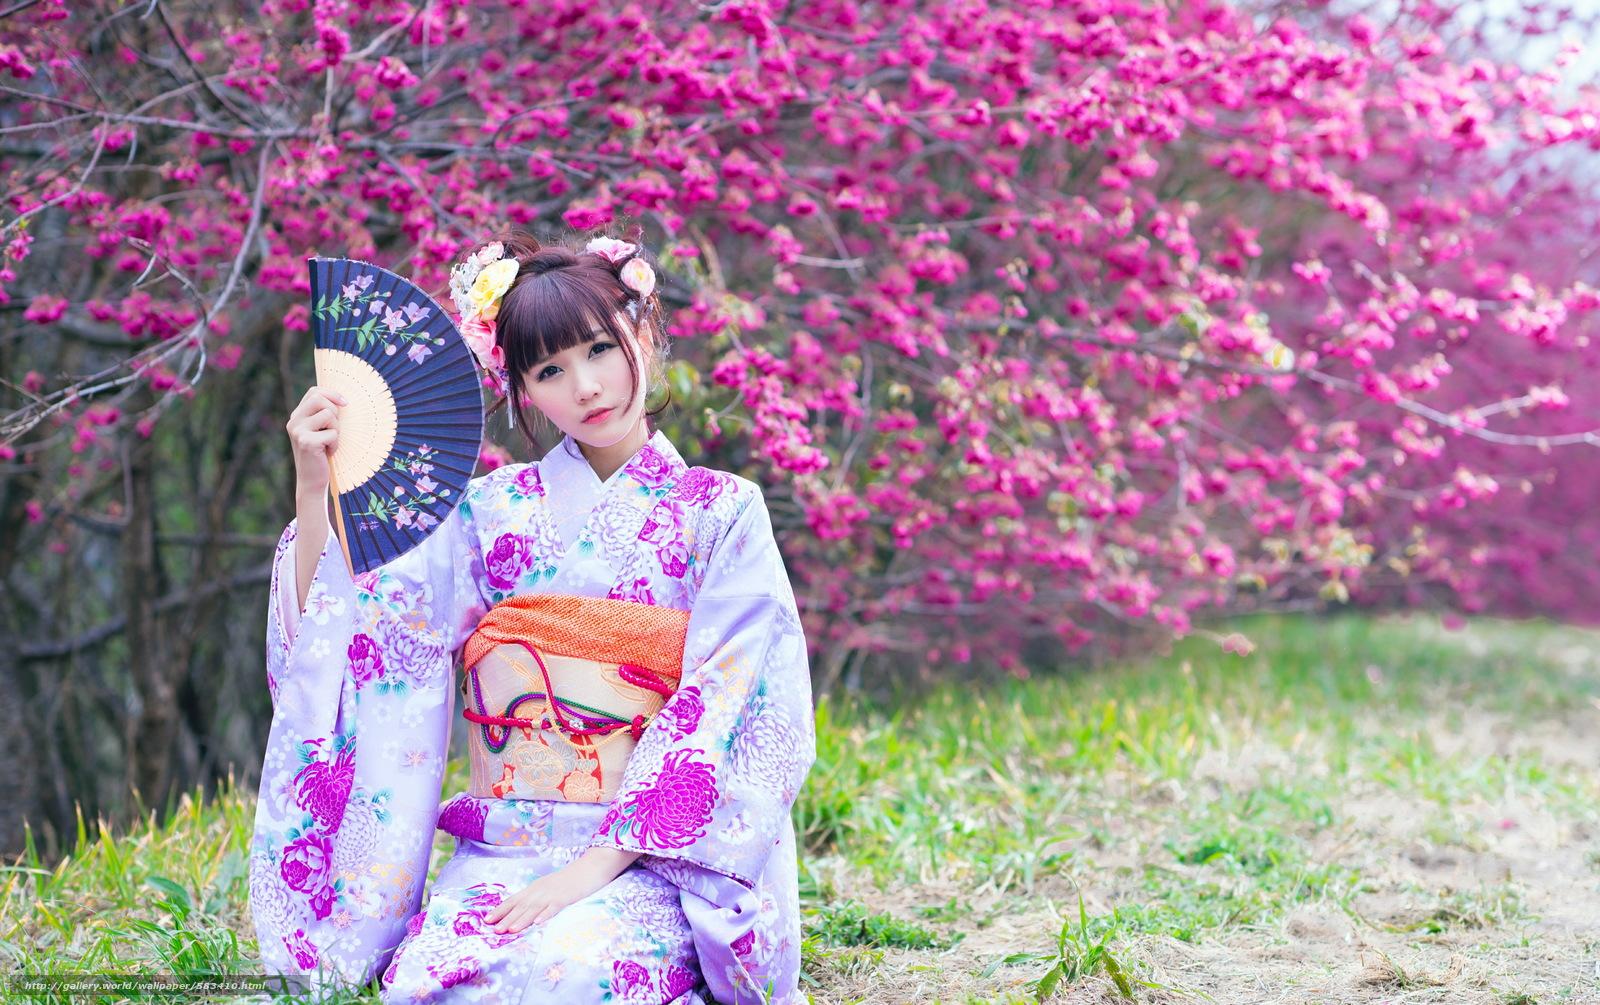 Скачать обои девушка,  сад,  весна,  азиатка бесплатно для рабочего стола в разрешении 4924x3092 — картинка №583410